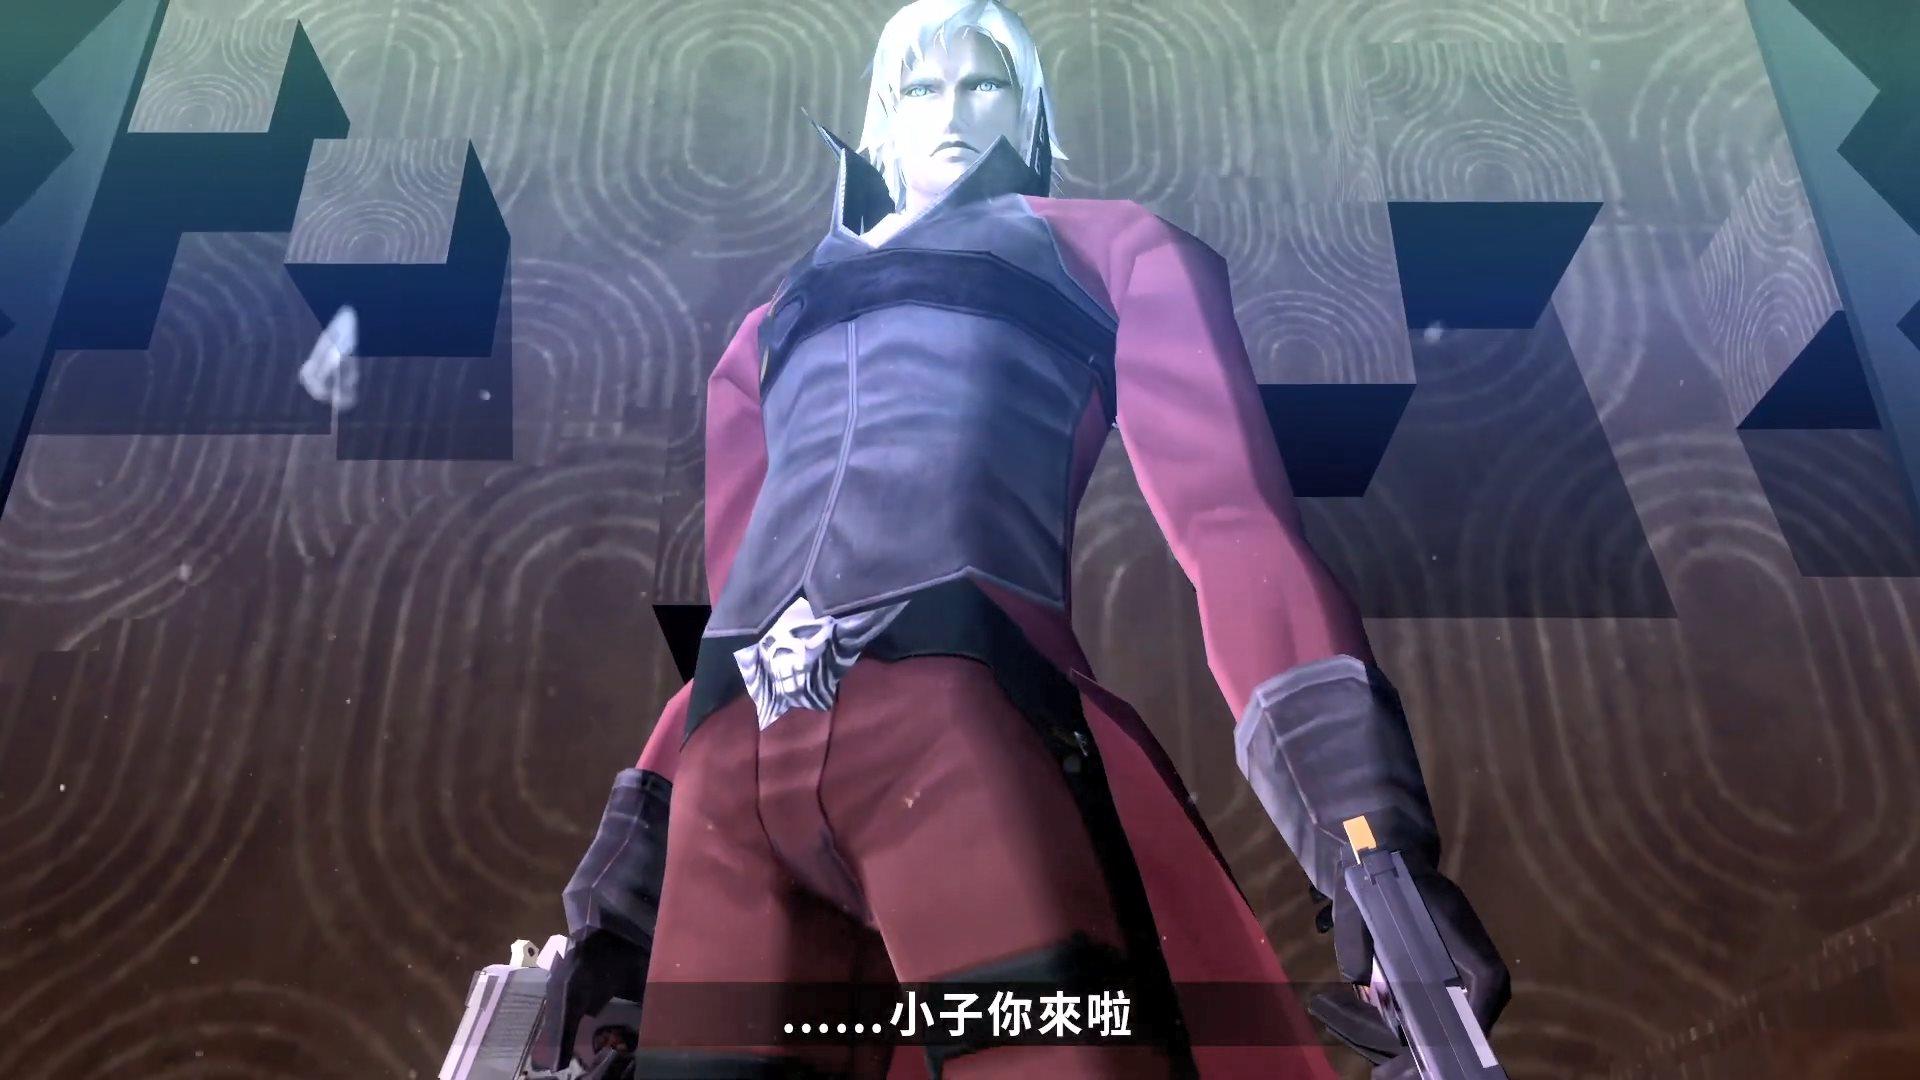 《真女神转生3:重置版》DLC公开 恶魔猎人但丁华丽登场